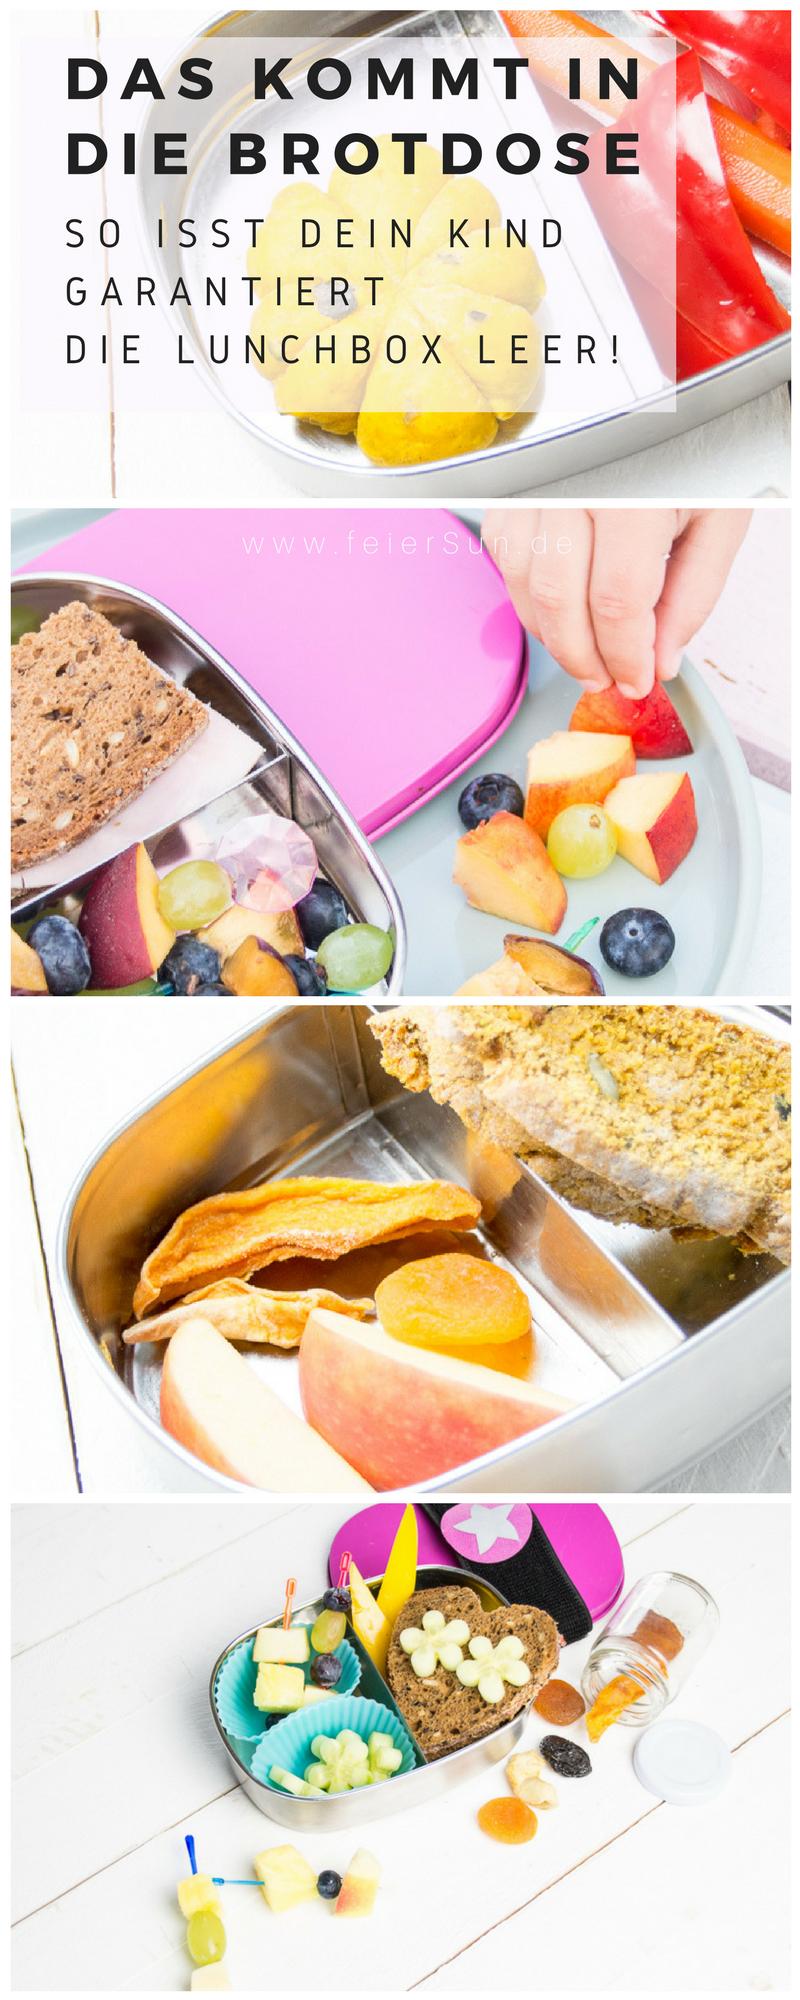 Du brauchst Inspiration dafür, was Du dem Kind in die #Lunchbox packst, damit es den Inhalt der #Brotdose auch isst? Dann hab ich hier viele Ideen, die auch wirklich gegessen werden. Das kommt bei uns rein und so isst auch Dein Kind seine #Brotbox leer! #Schule #KiGa #Kindergarten #gesundesEssen #Frühstück auf feierSun.de